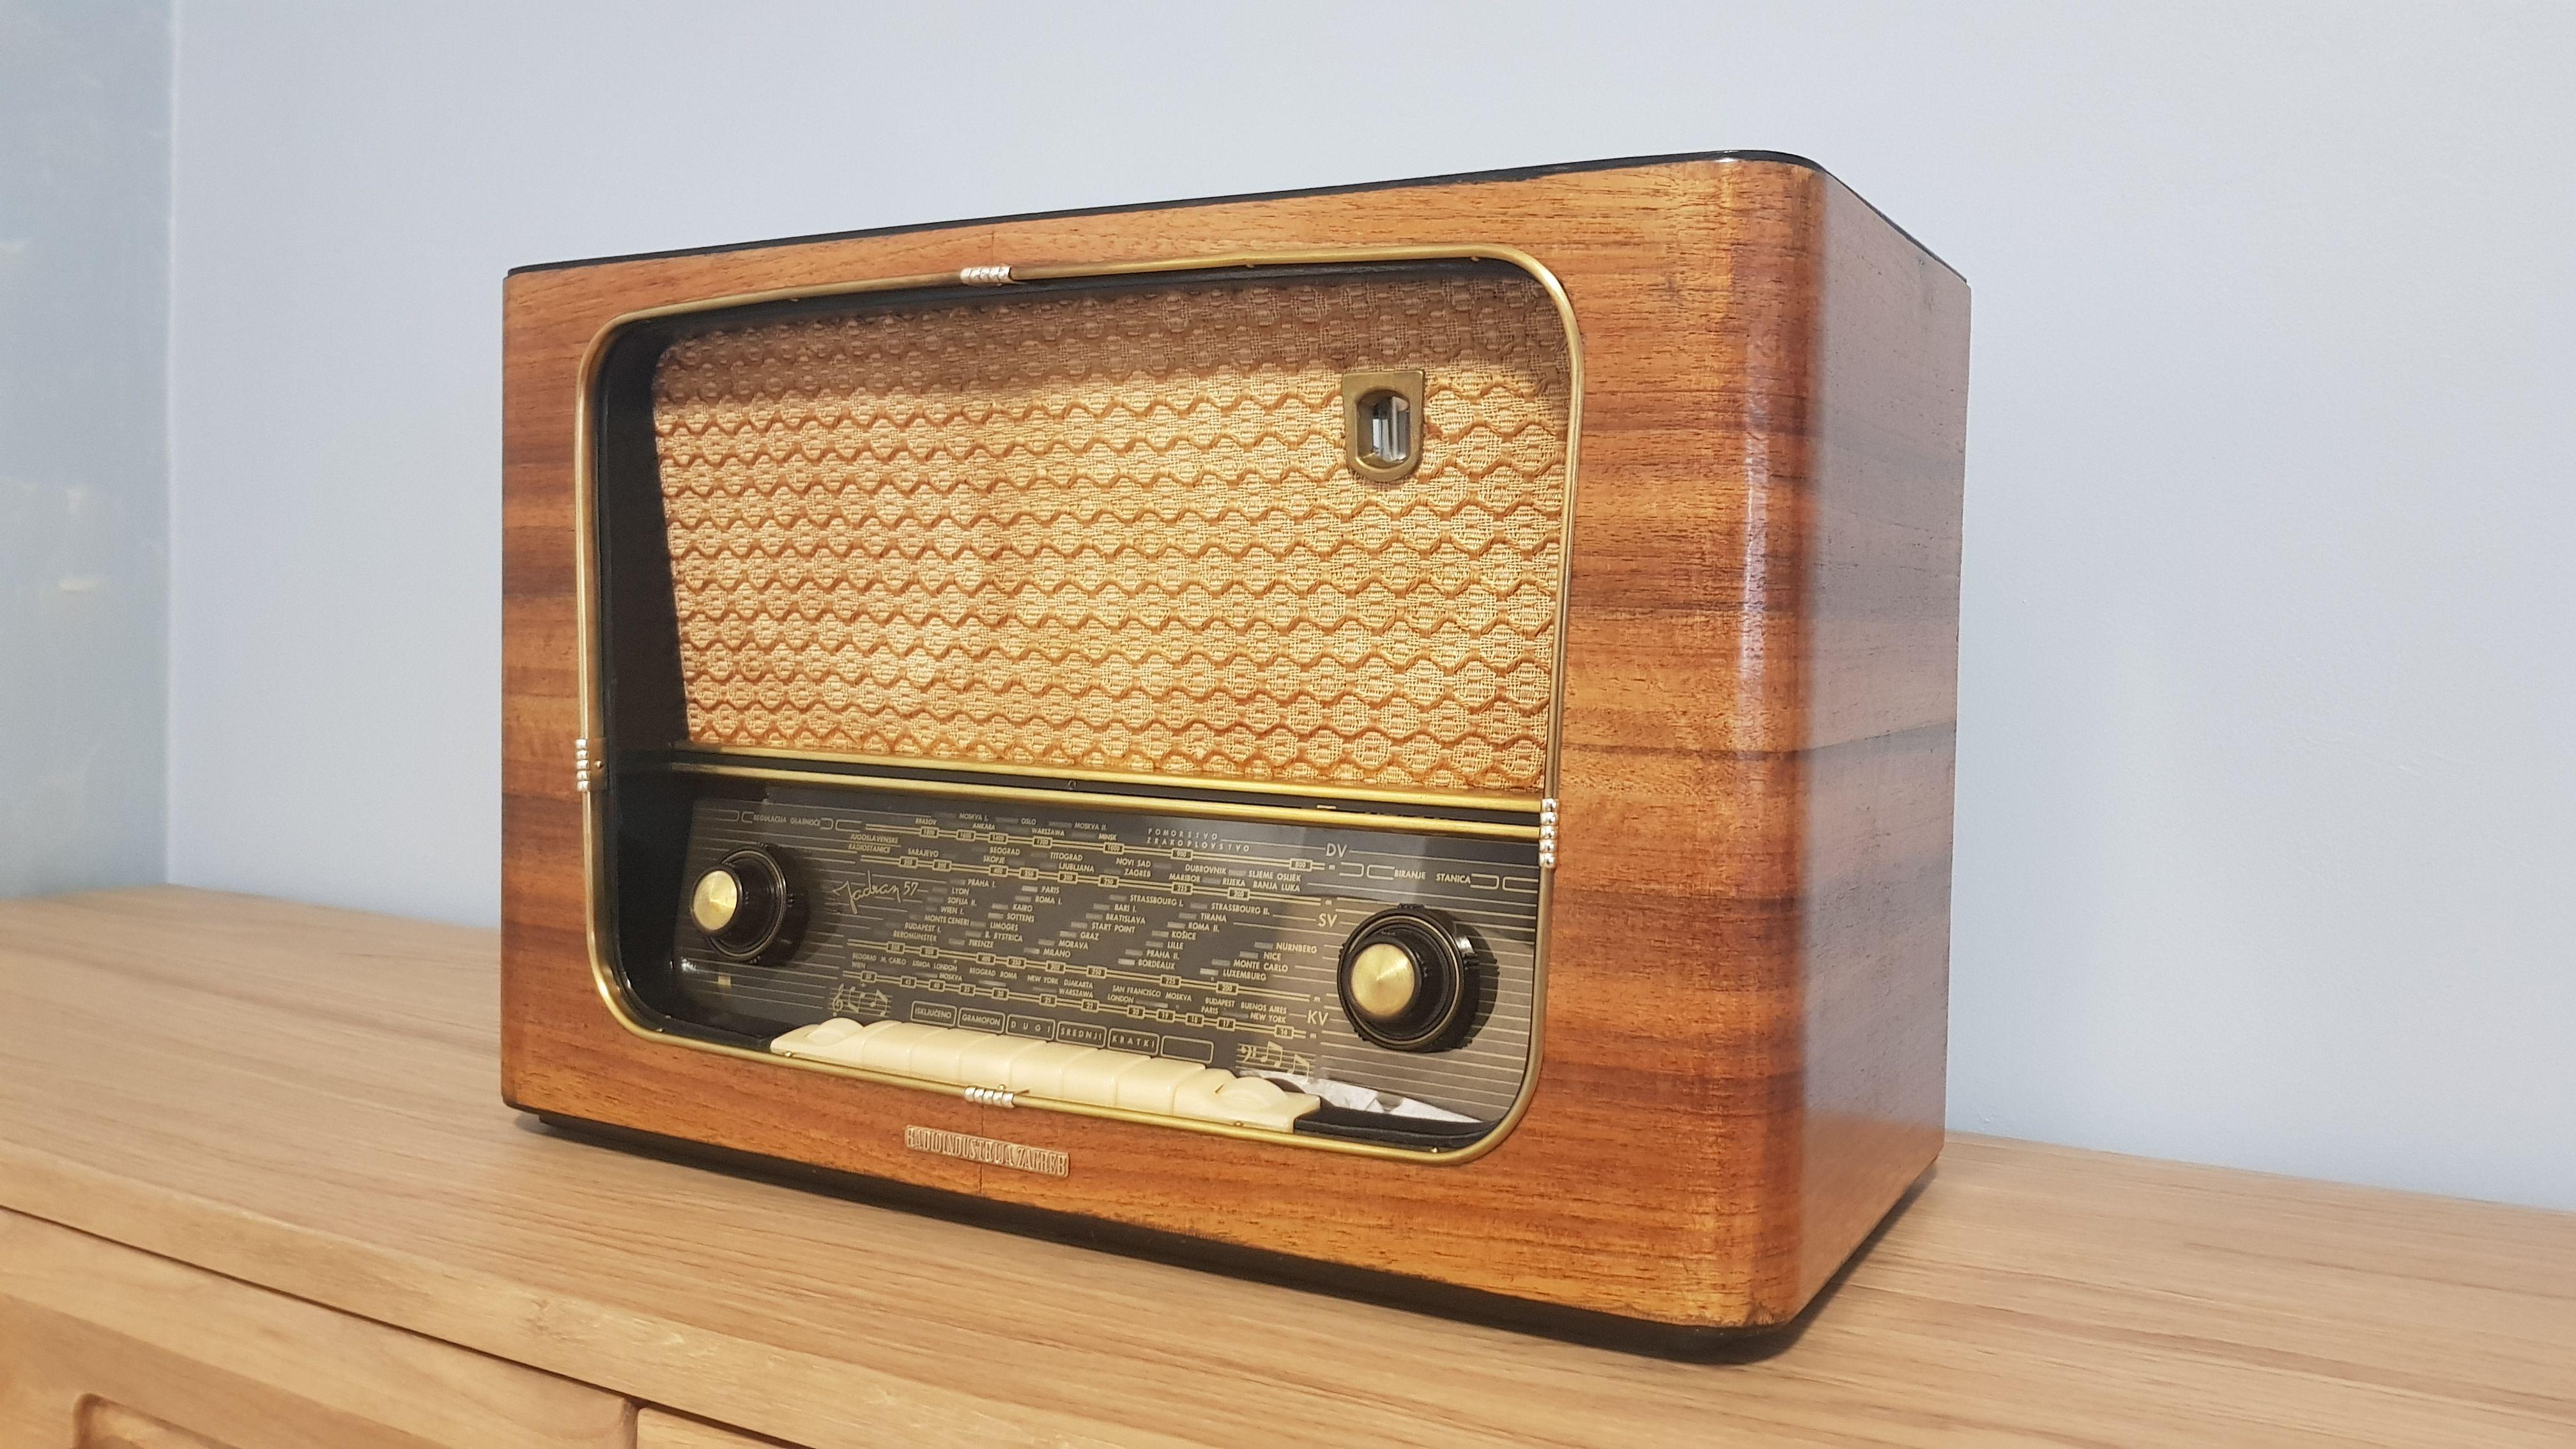 Vintage Radio Riz Jadran 57 Vintage Radio Vintage Electronics Radio